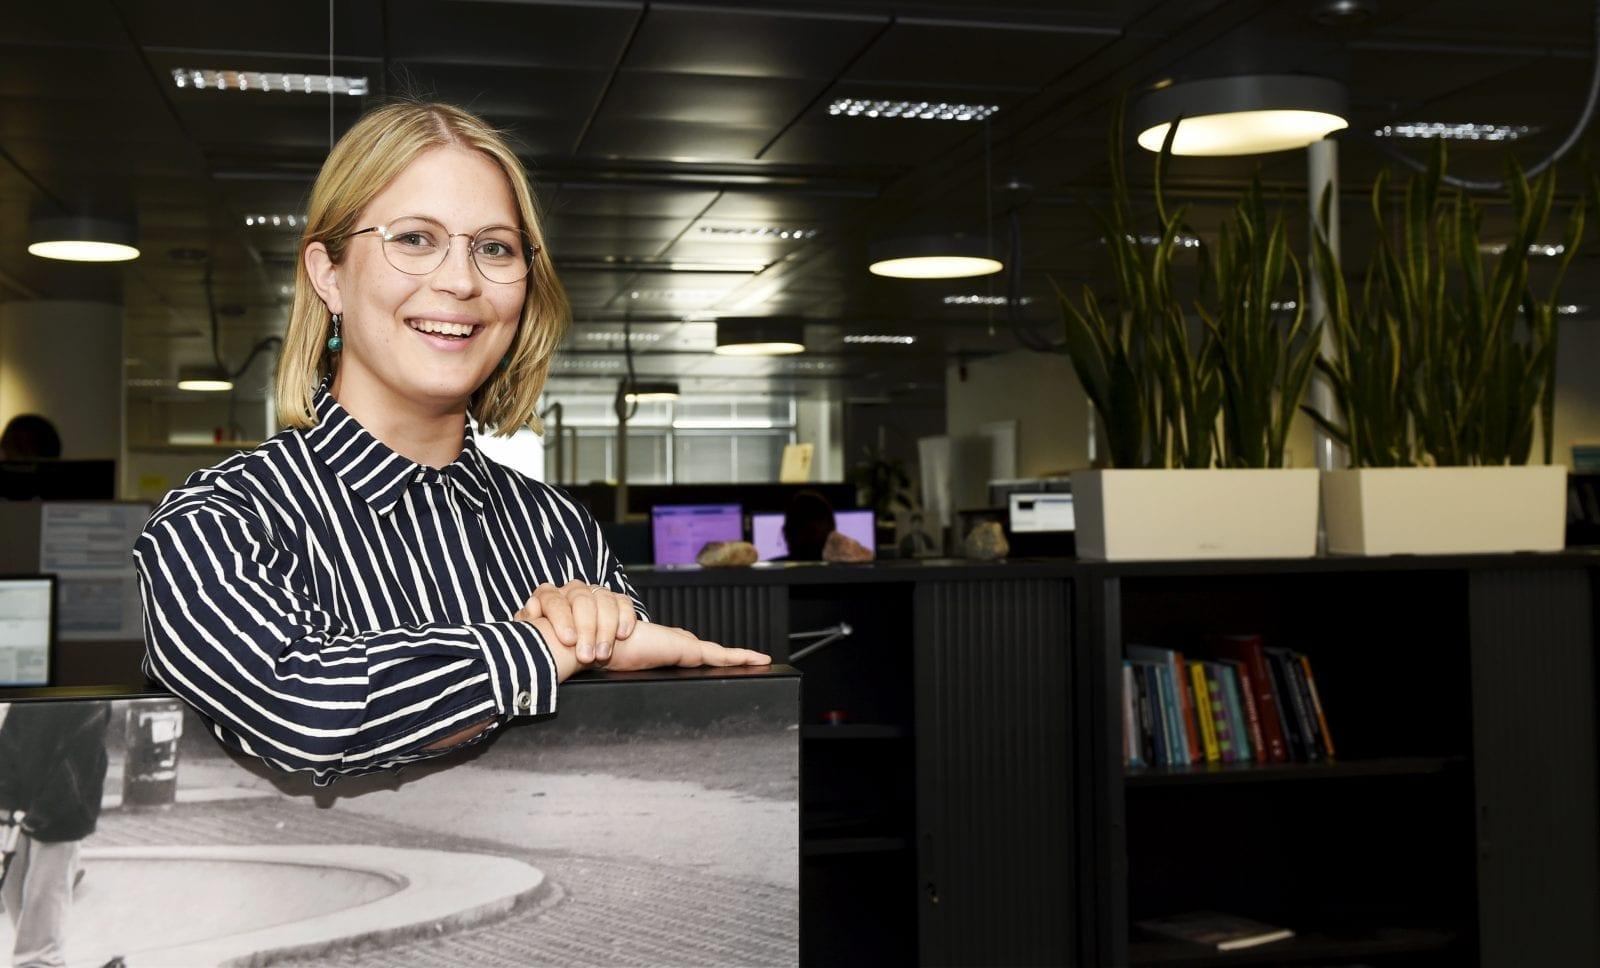 STT:n uusi EU-kirjeenvaihtaja on Heta Hassinen, joka työskentelee Helsingin toimituksessa politiikan ja talouden erikoistoimittajana.